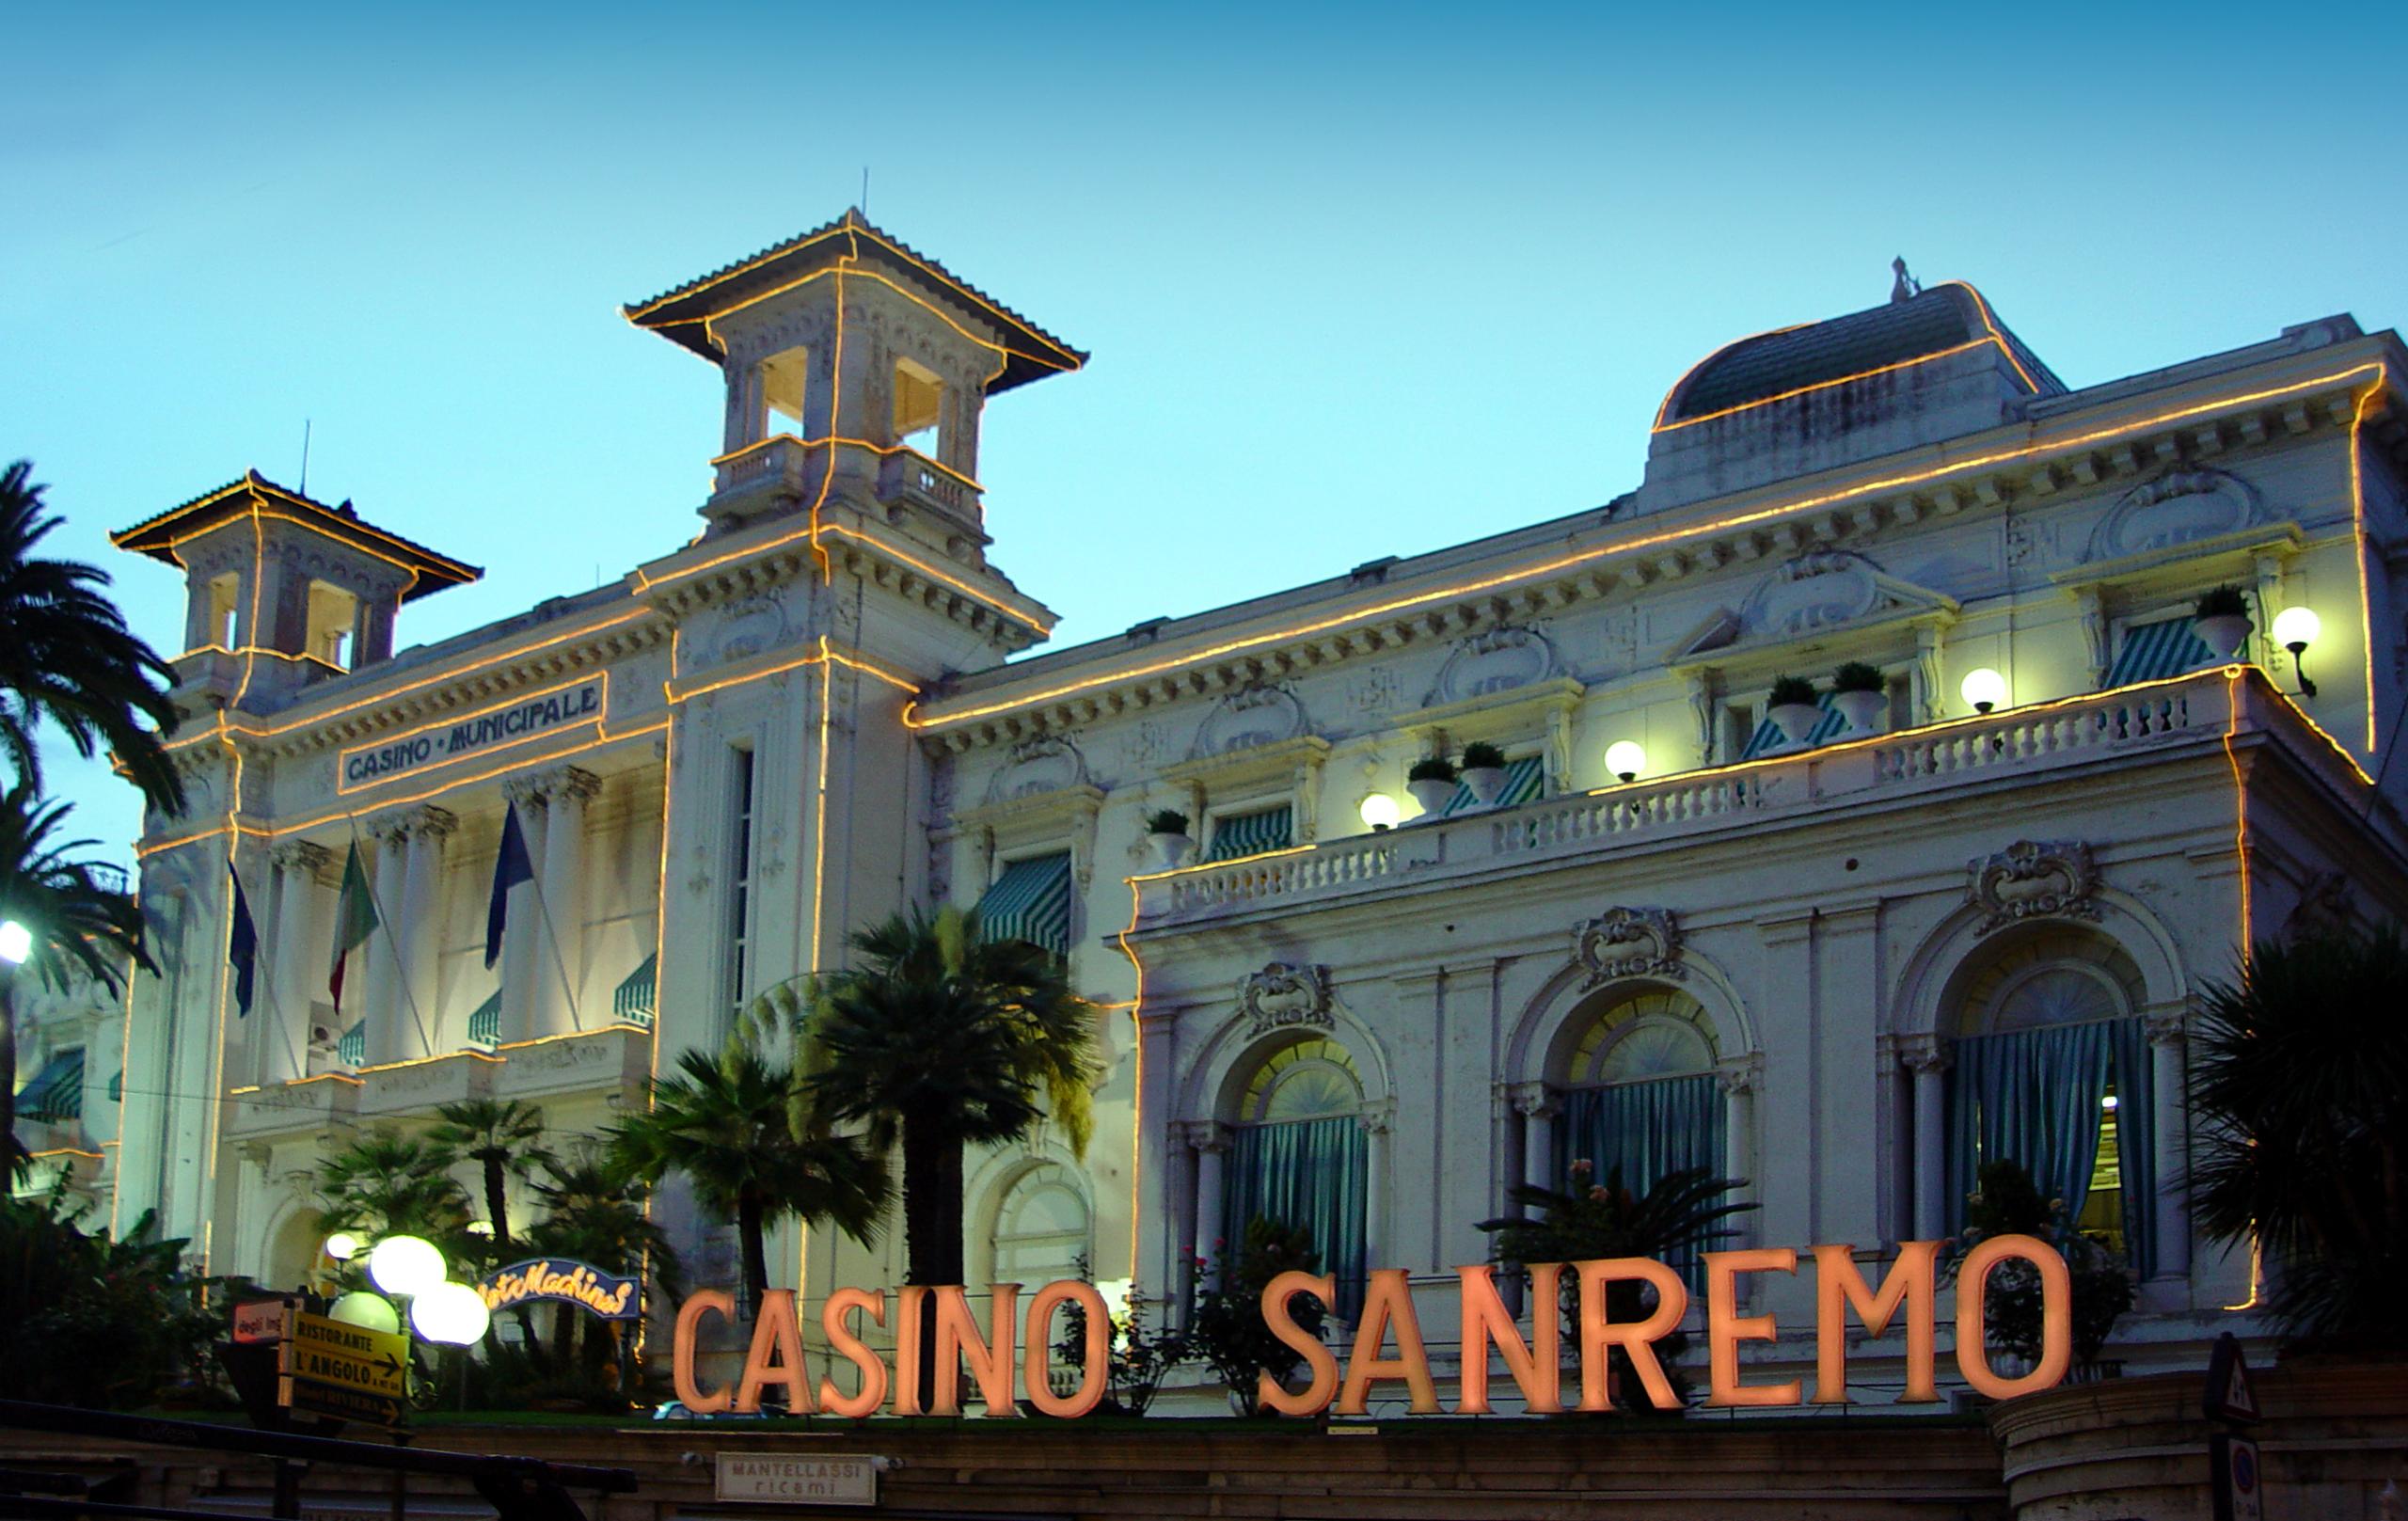 Сан ремо казино отзывы интернет казино выигрыш выплачивается моментально перечень